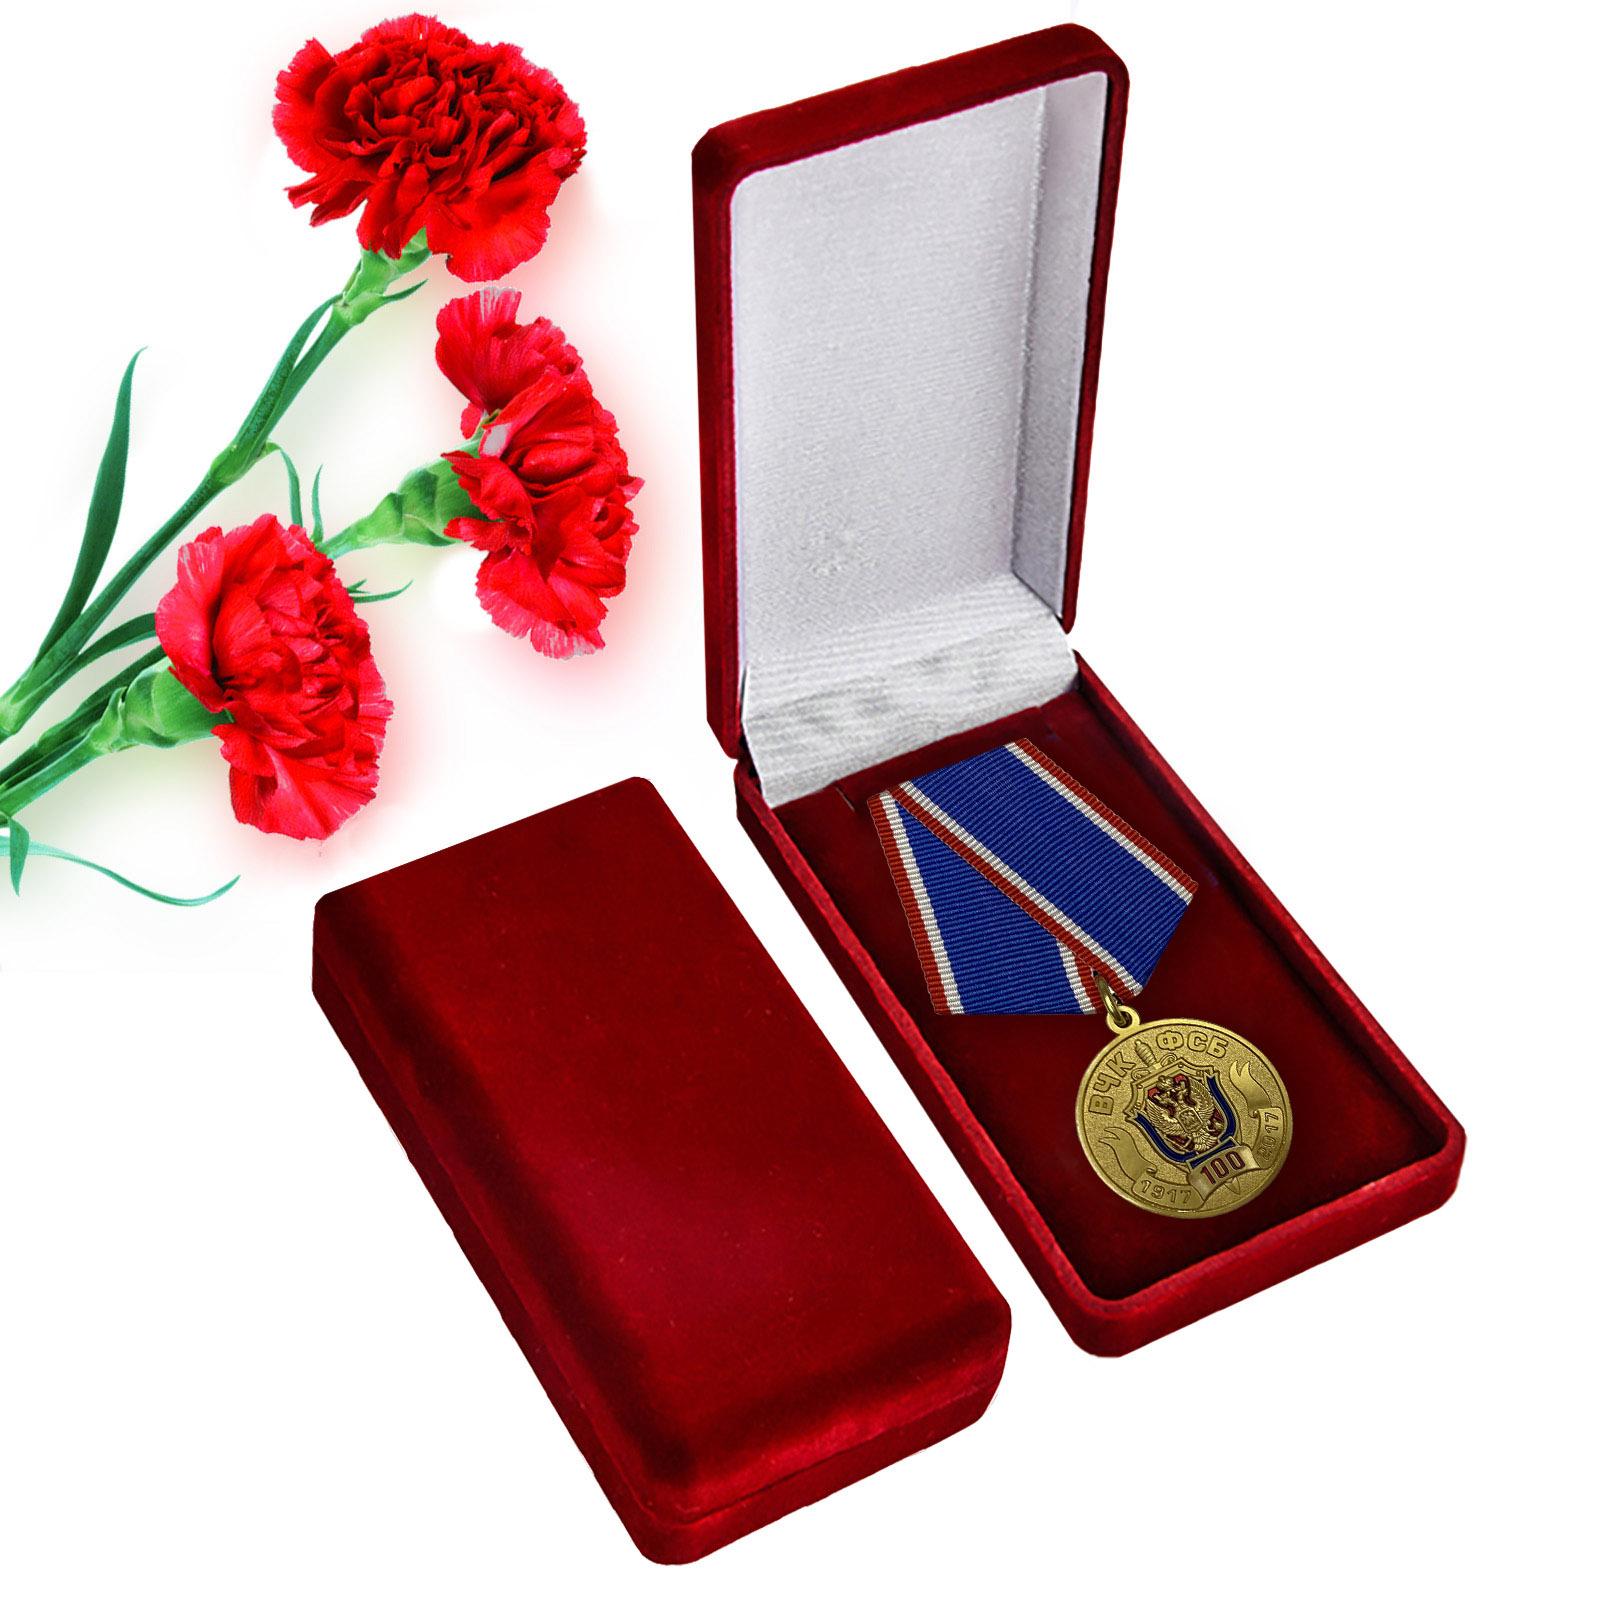 Юбилейная медаль ФСБ к 100-летию органов Госбезопасности